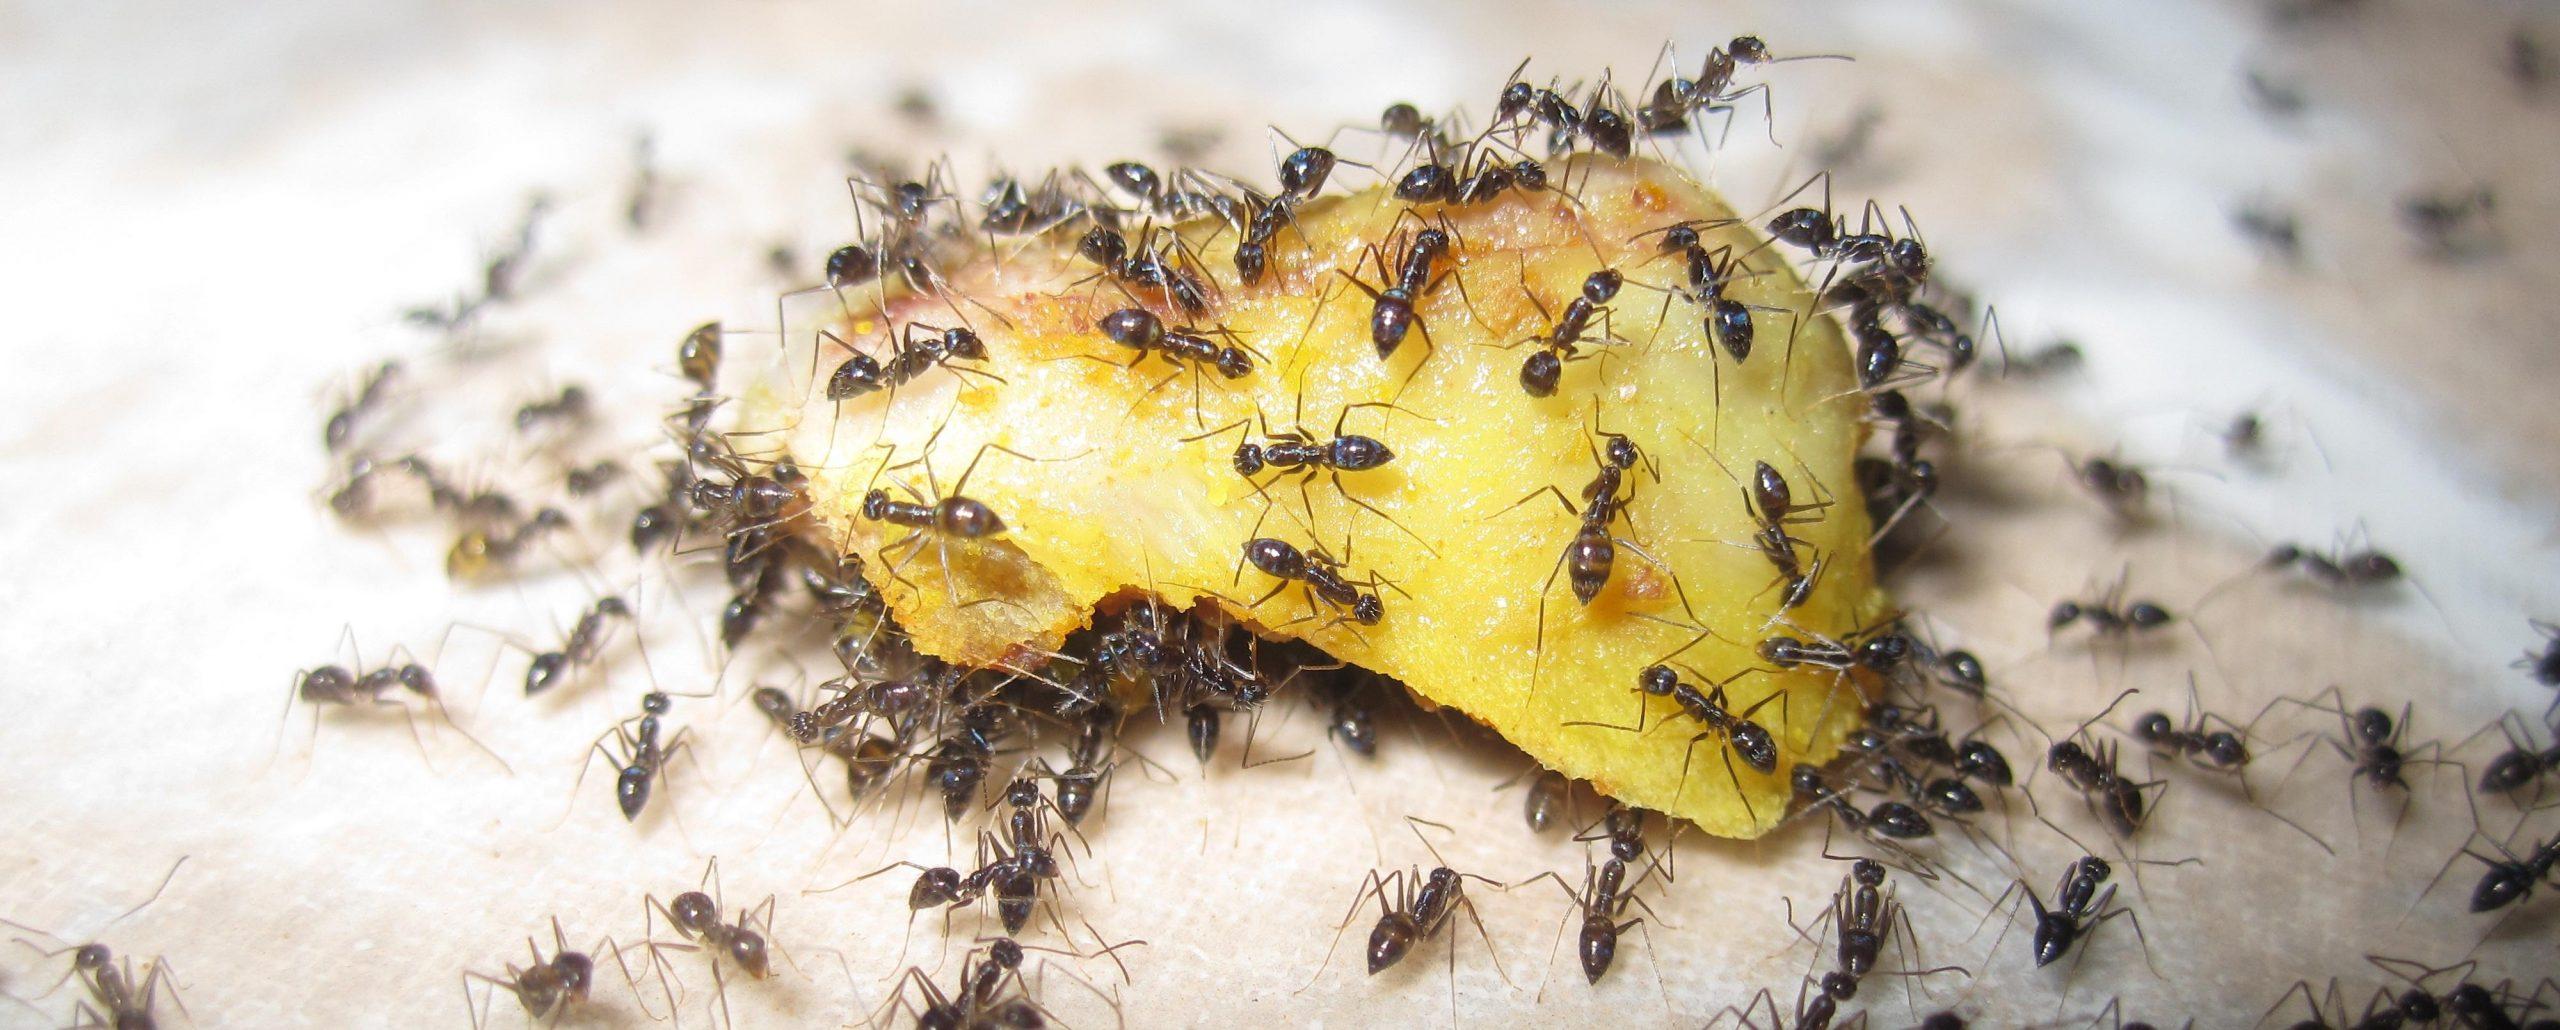 Ants_eating_fruit-e1395379954336-scaled.jpeg